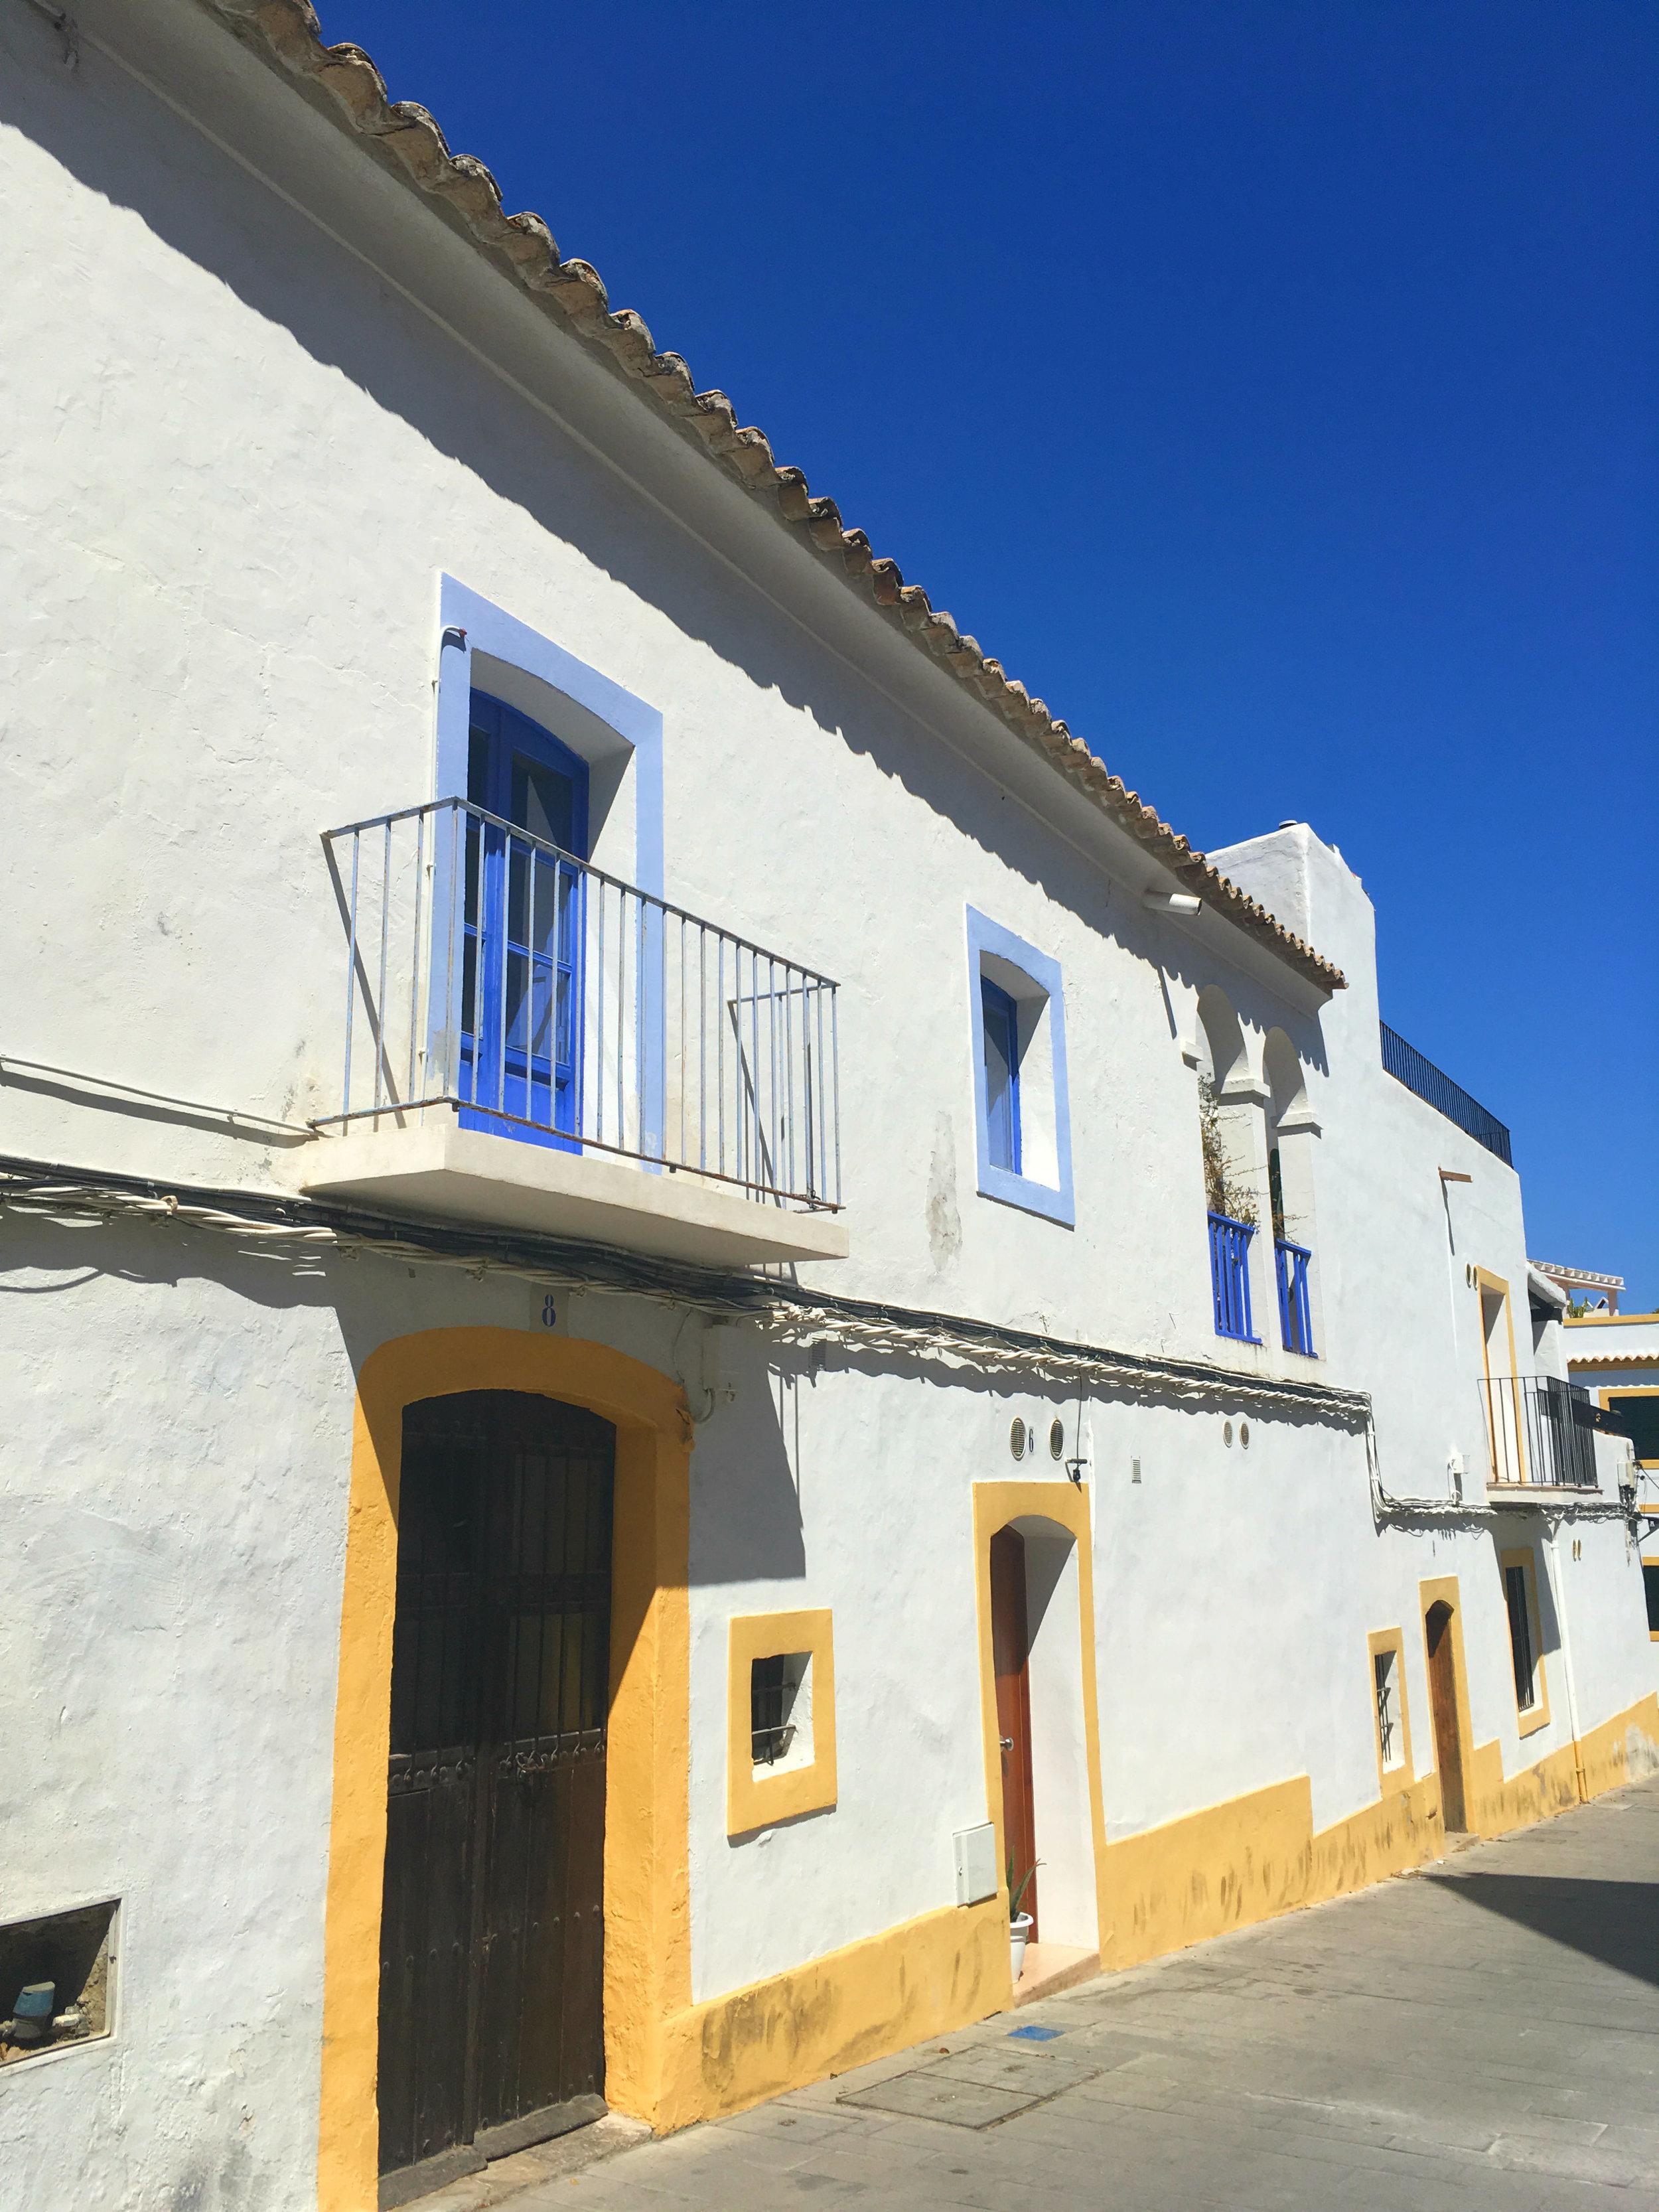 Ibiza_Building.jpg